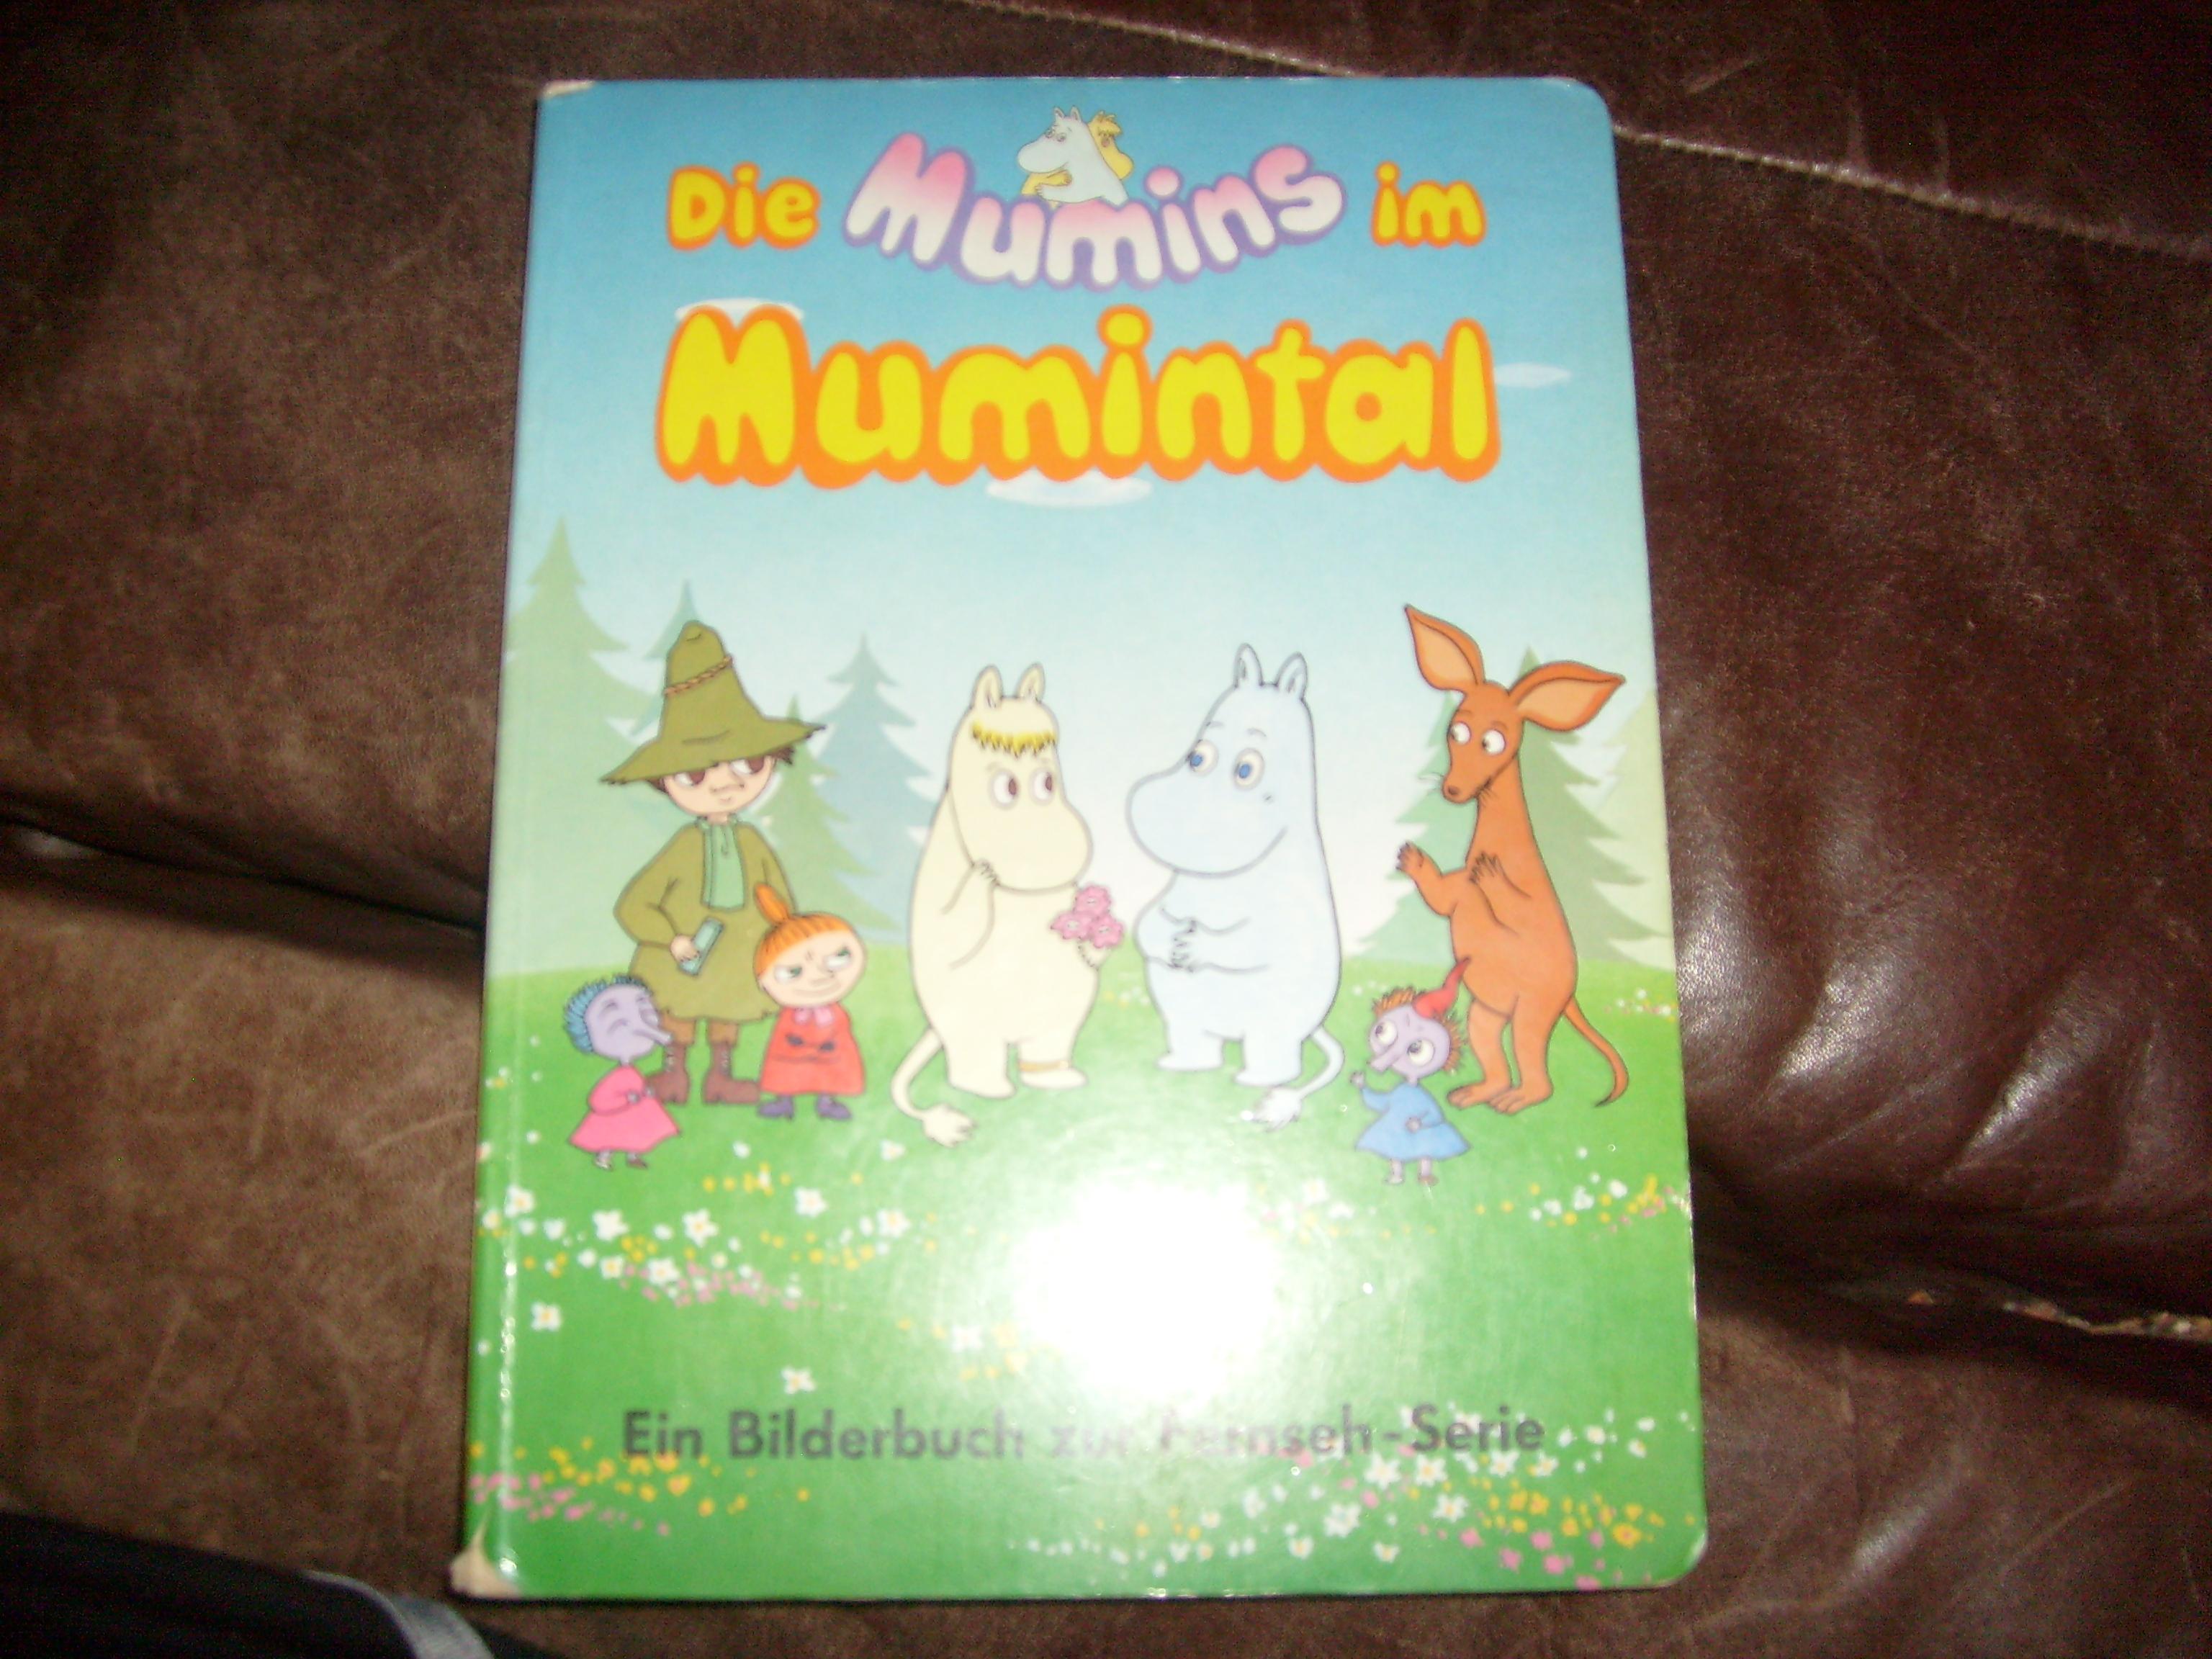 Bildtext: Die Mumins im Mumintal     . von Ein Bilderbuch zur Fernseh-Serie